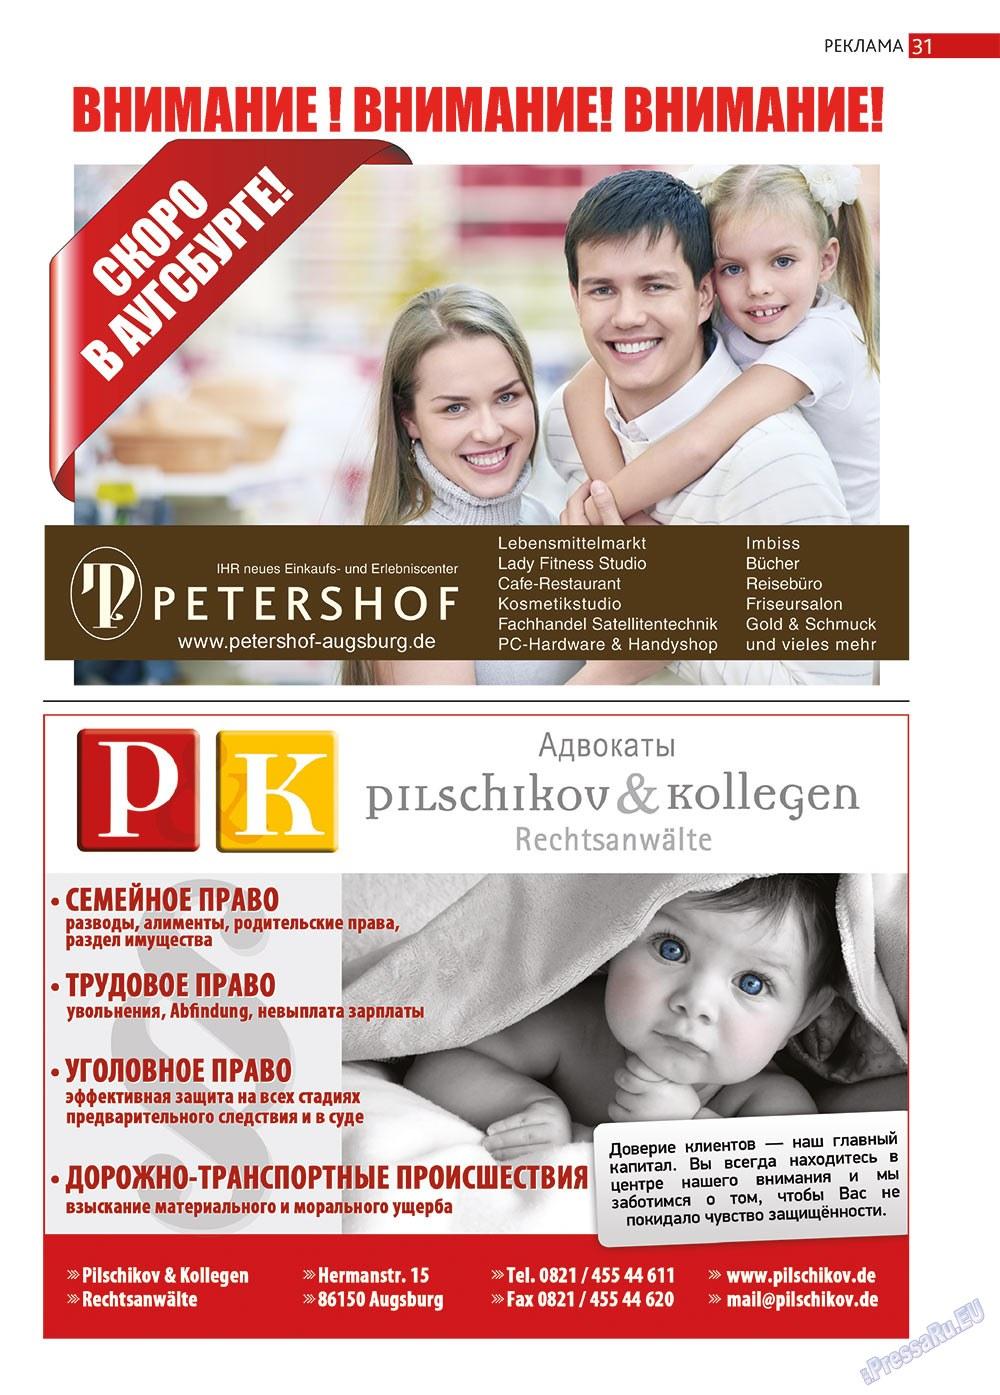 Афиша Augsburg (журнал). 2013 год, номер 3, стр. 31